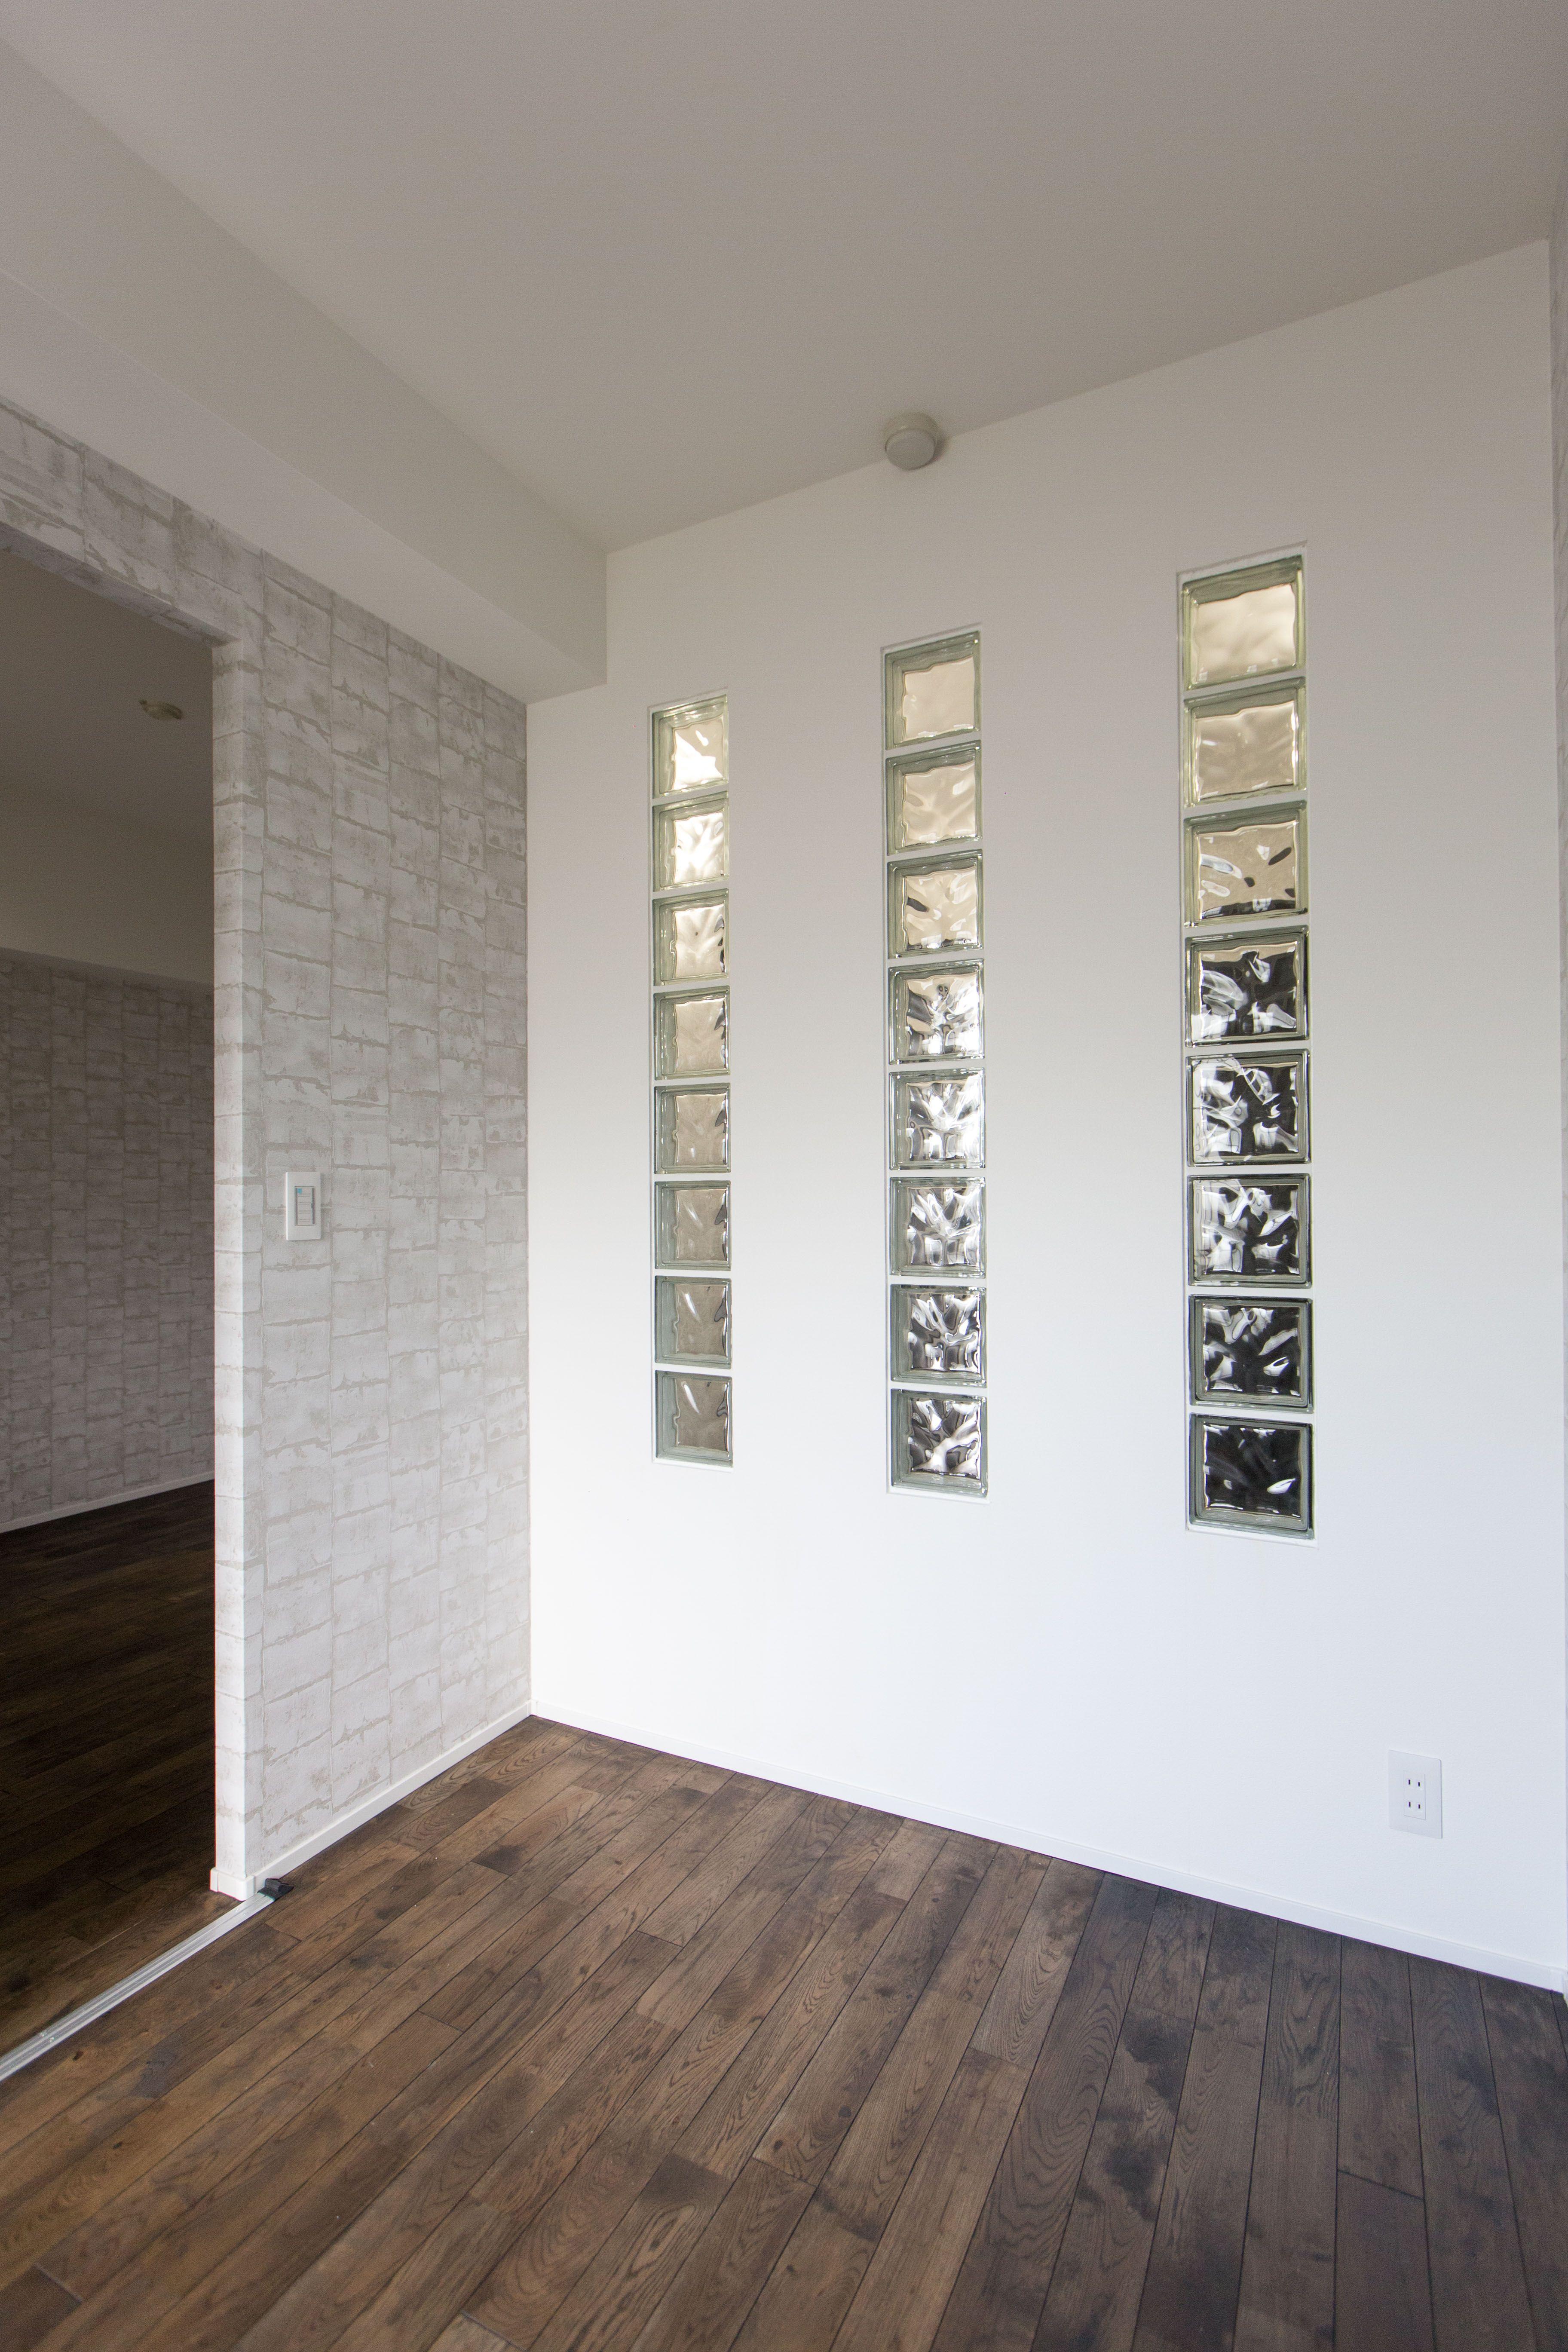 洋室になります 壁にガラスブロックをはめ込み室内から室内への明かり